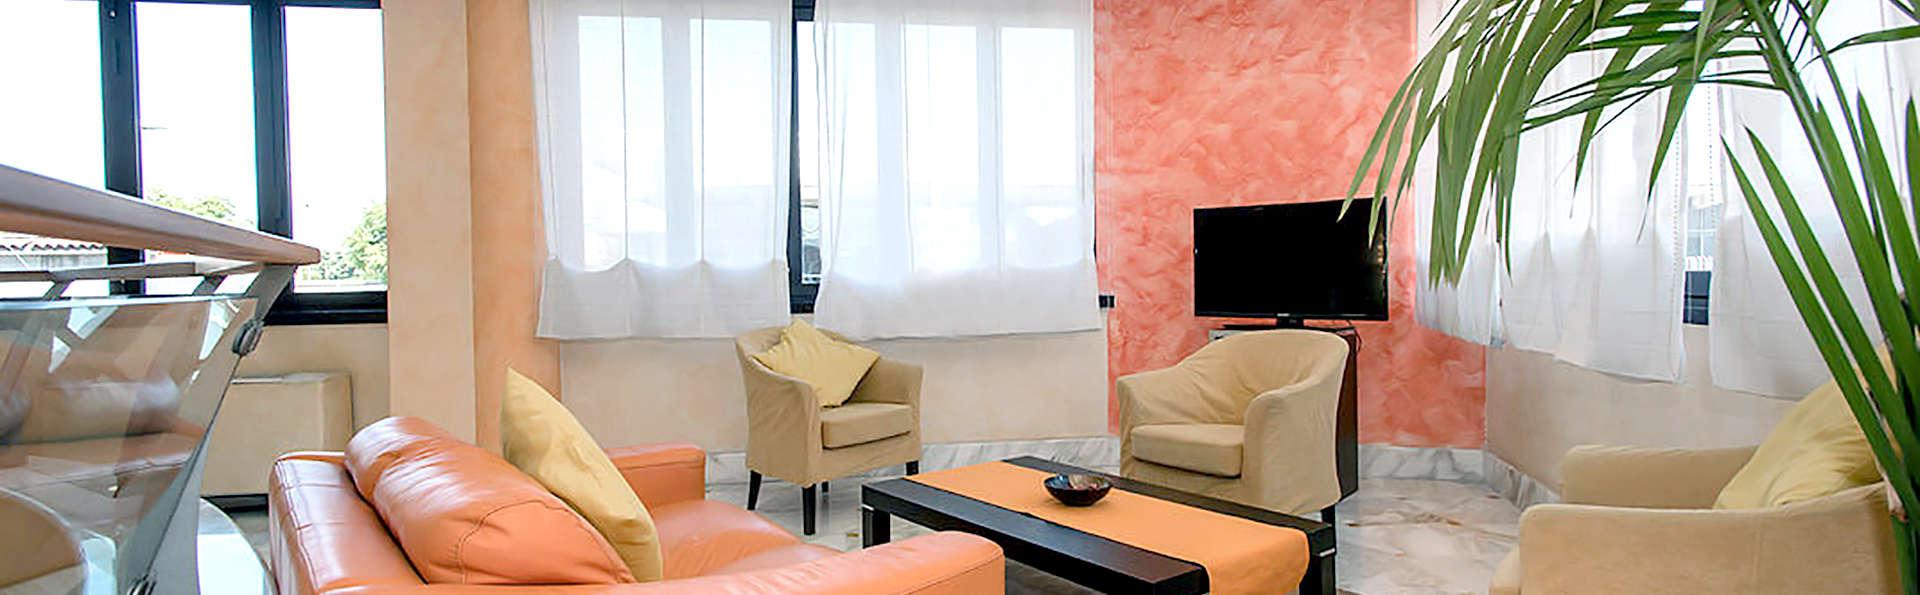 Hotel La Mela - EDIT_HALL.jpg